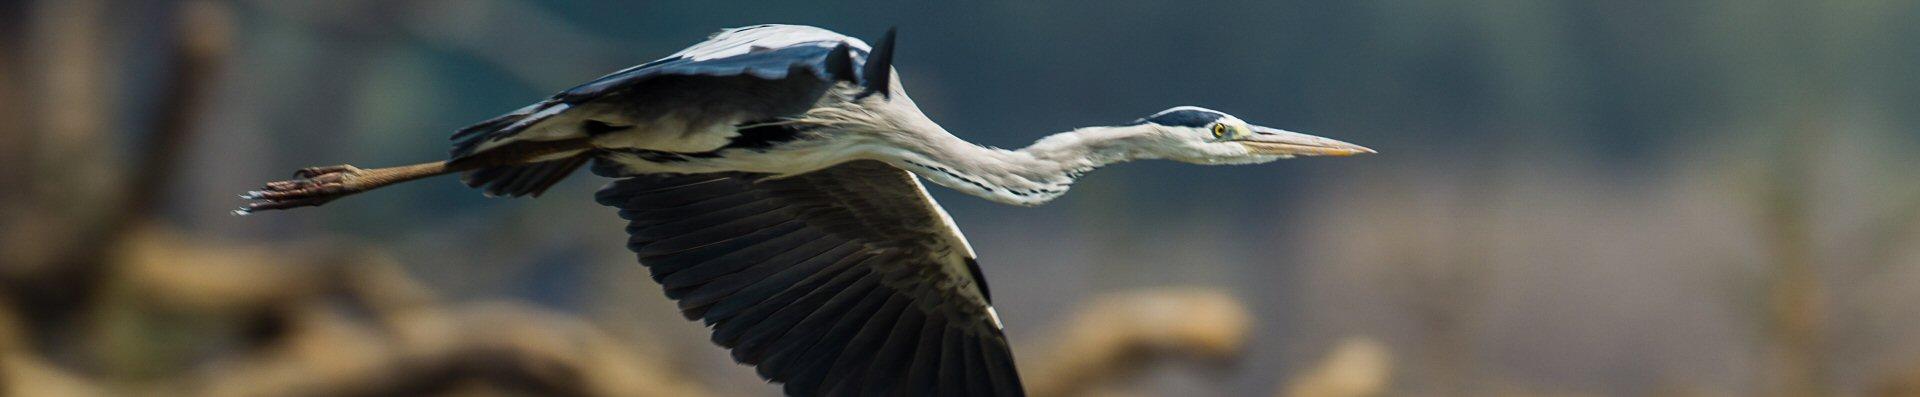 heron01